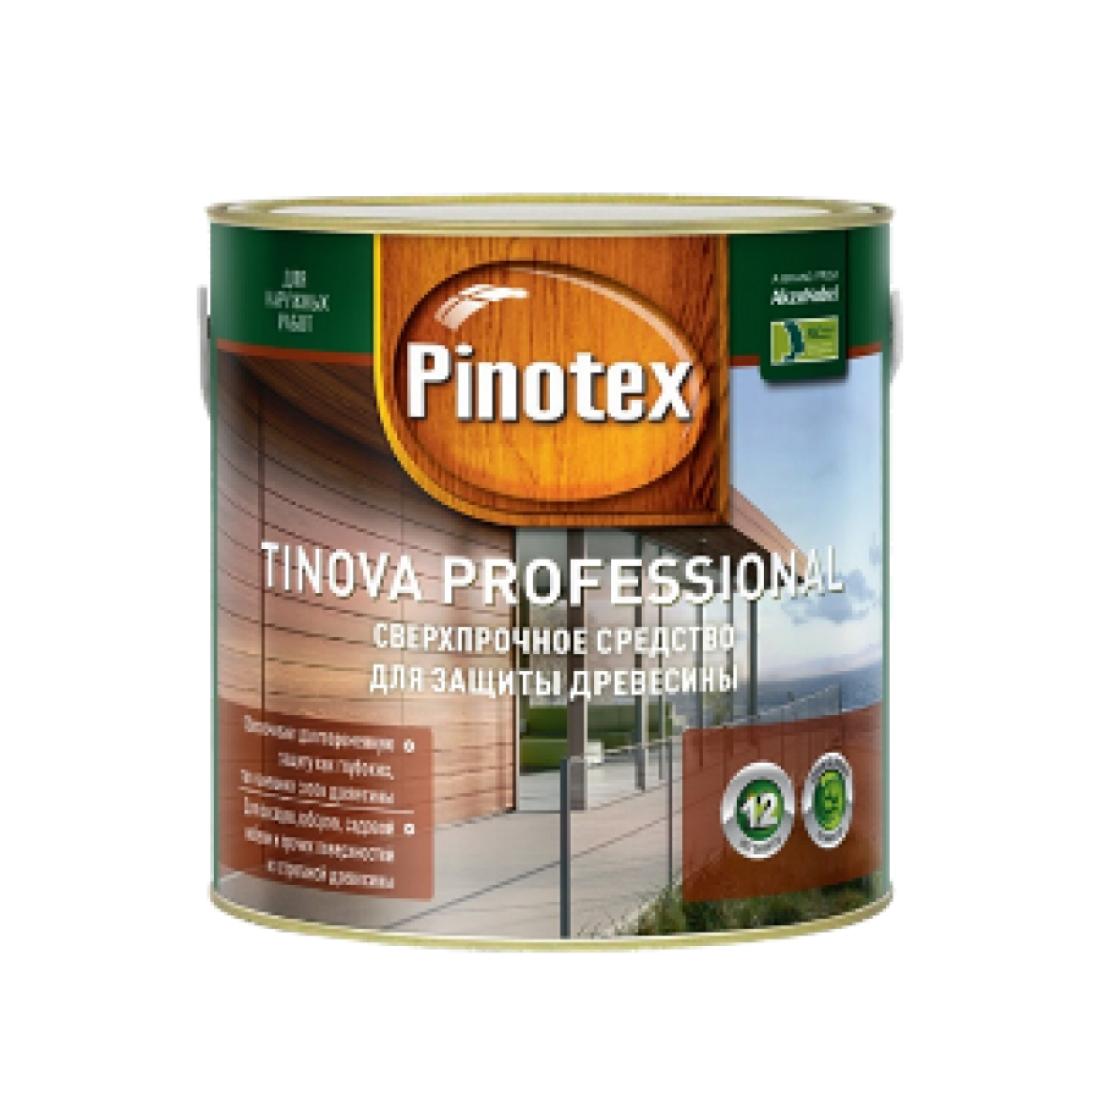 PINOTEX TINOVA антисептик профессиональный, цветной (2,5 л) База под колеровку